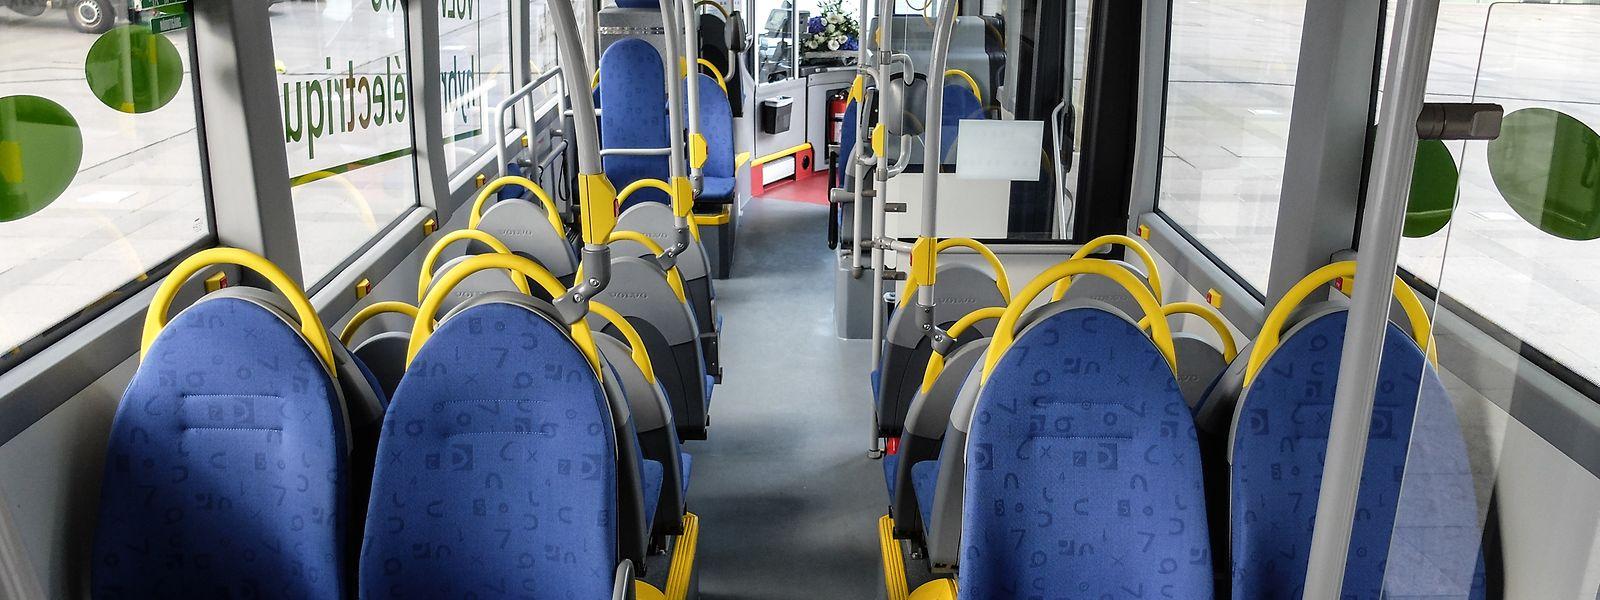 Le groupe Sales-Lentz augmente encore son offre en matière de transports à partir du 1er janvier 2020.